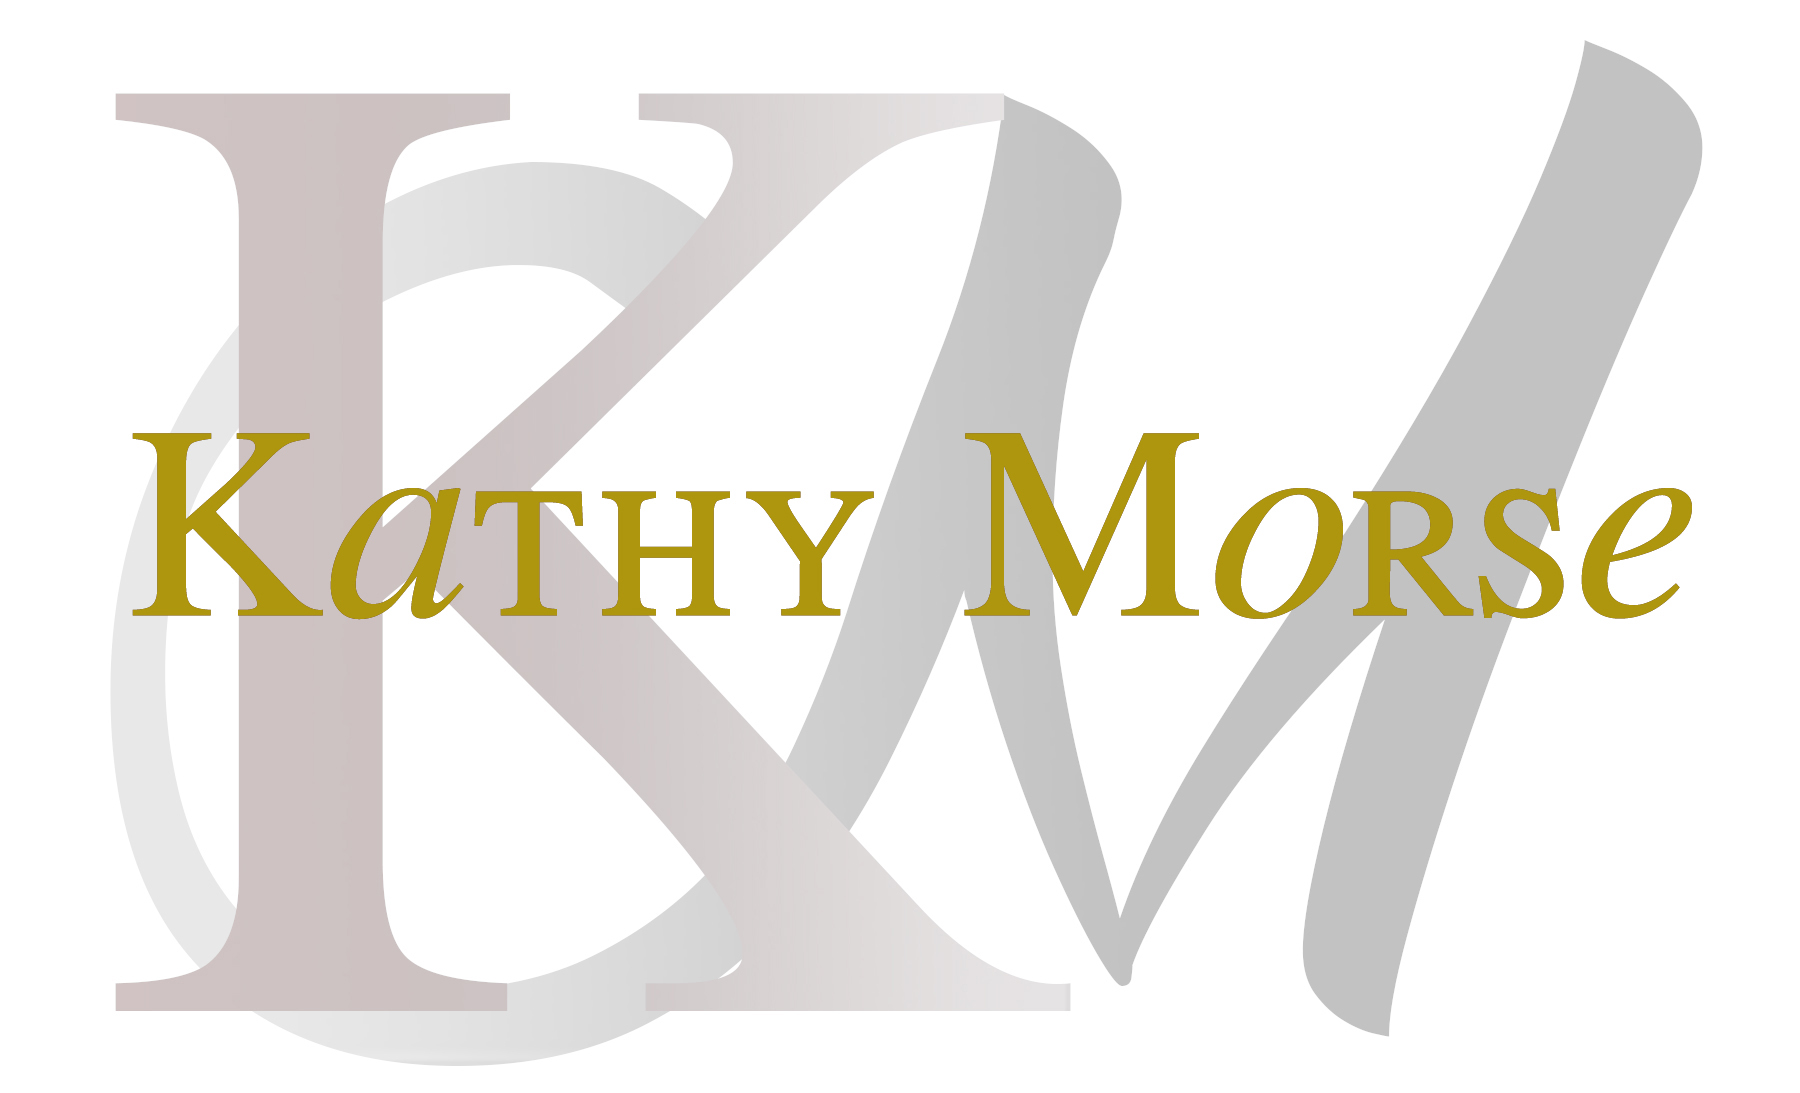 Kathy Morse